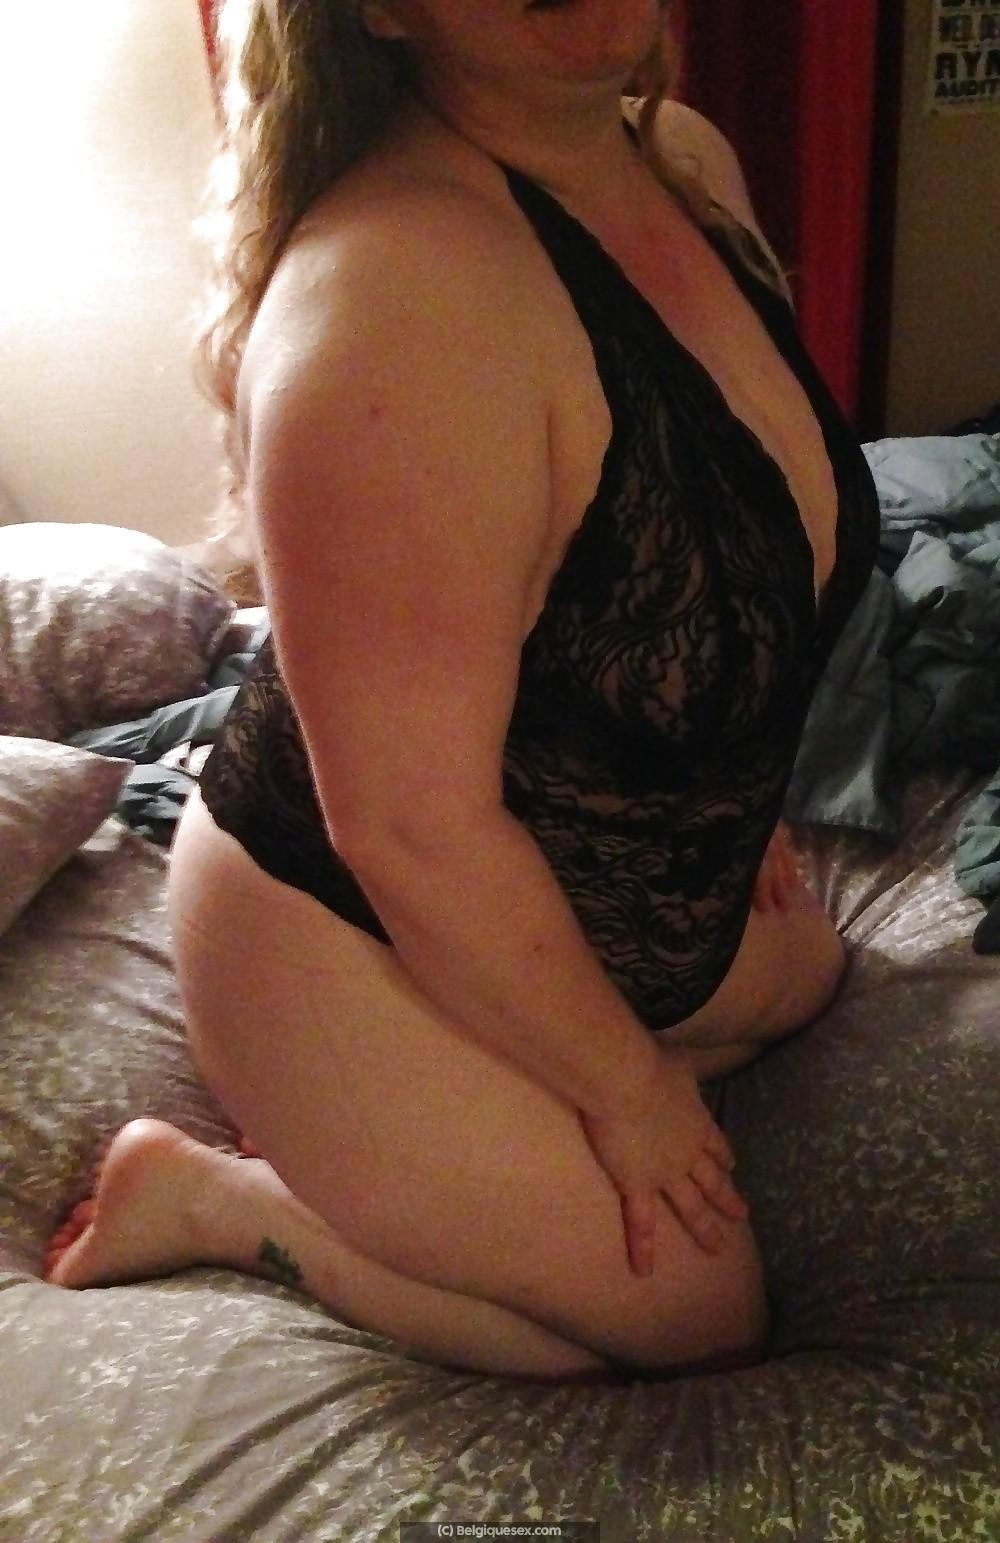 Ma femme est une jolie ronde belge, on recherche rencontre dans la douceur